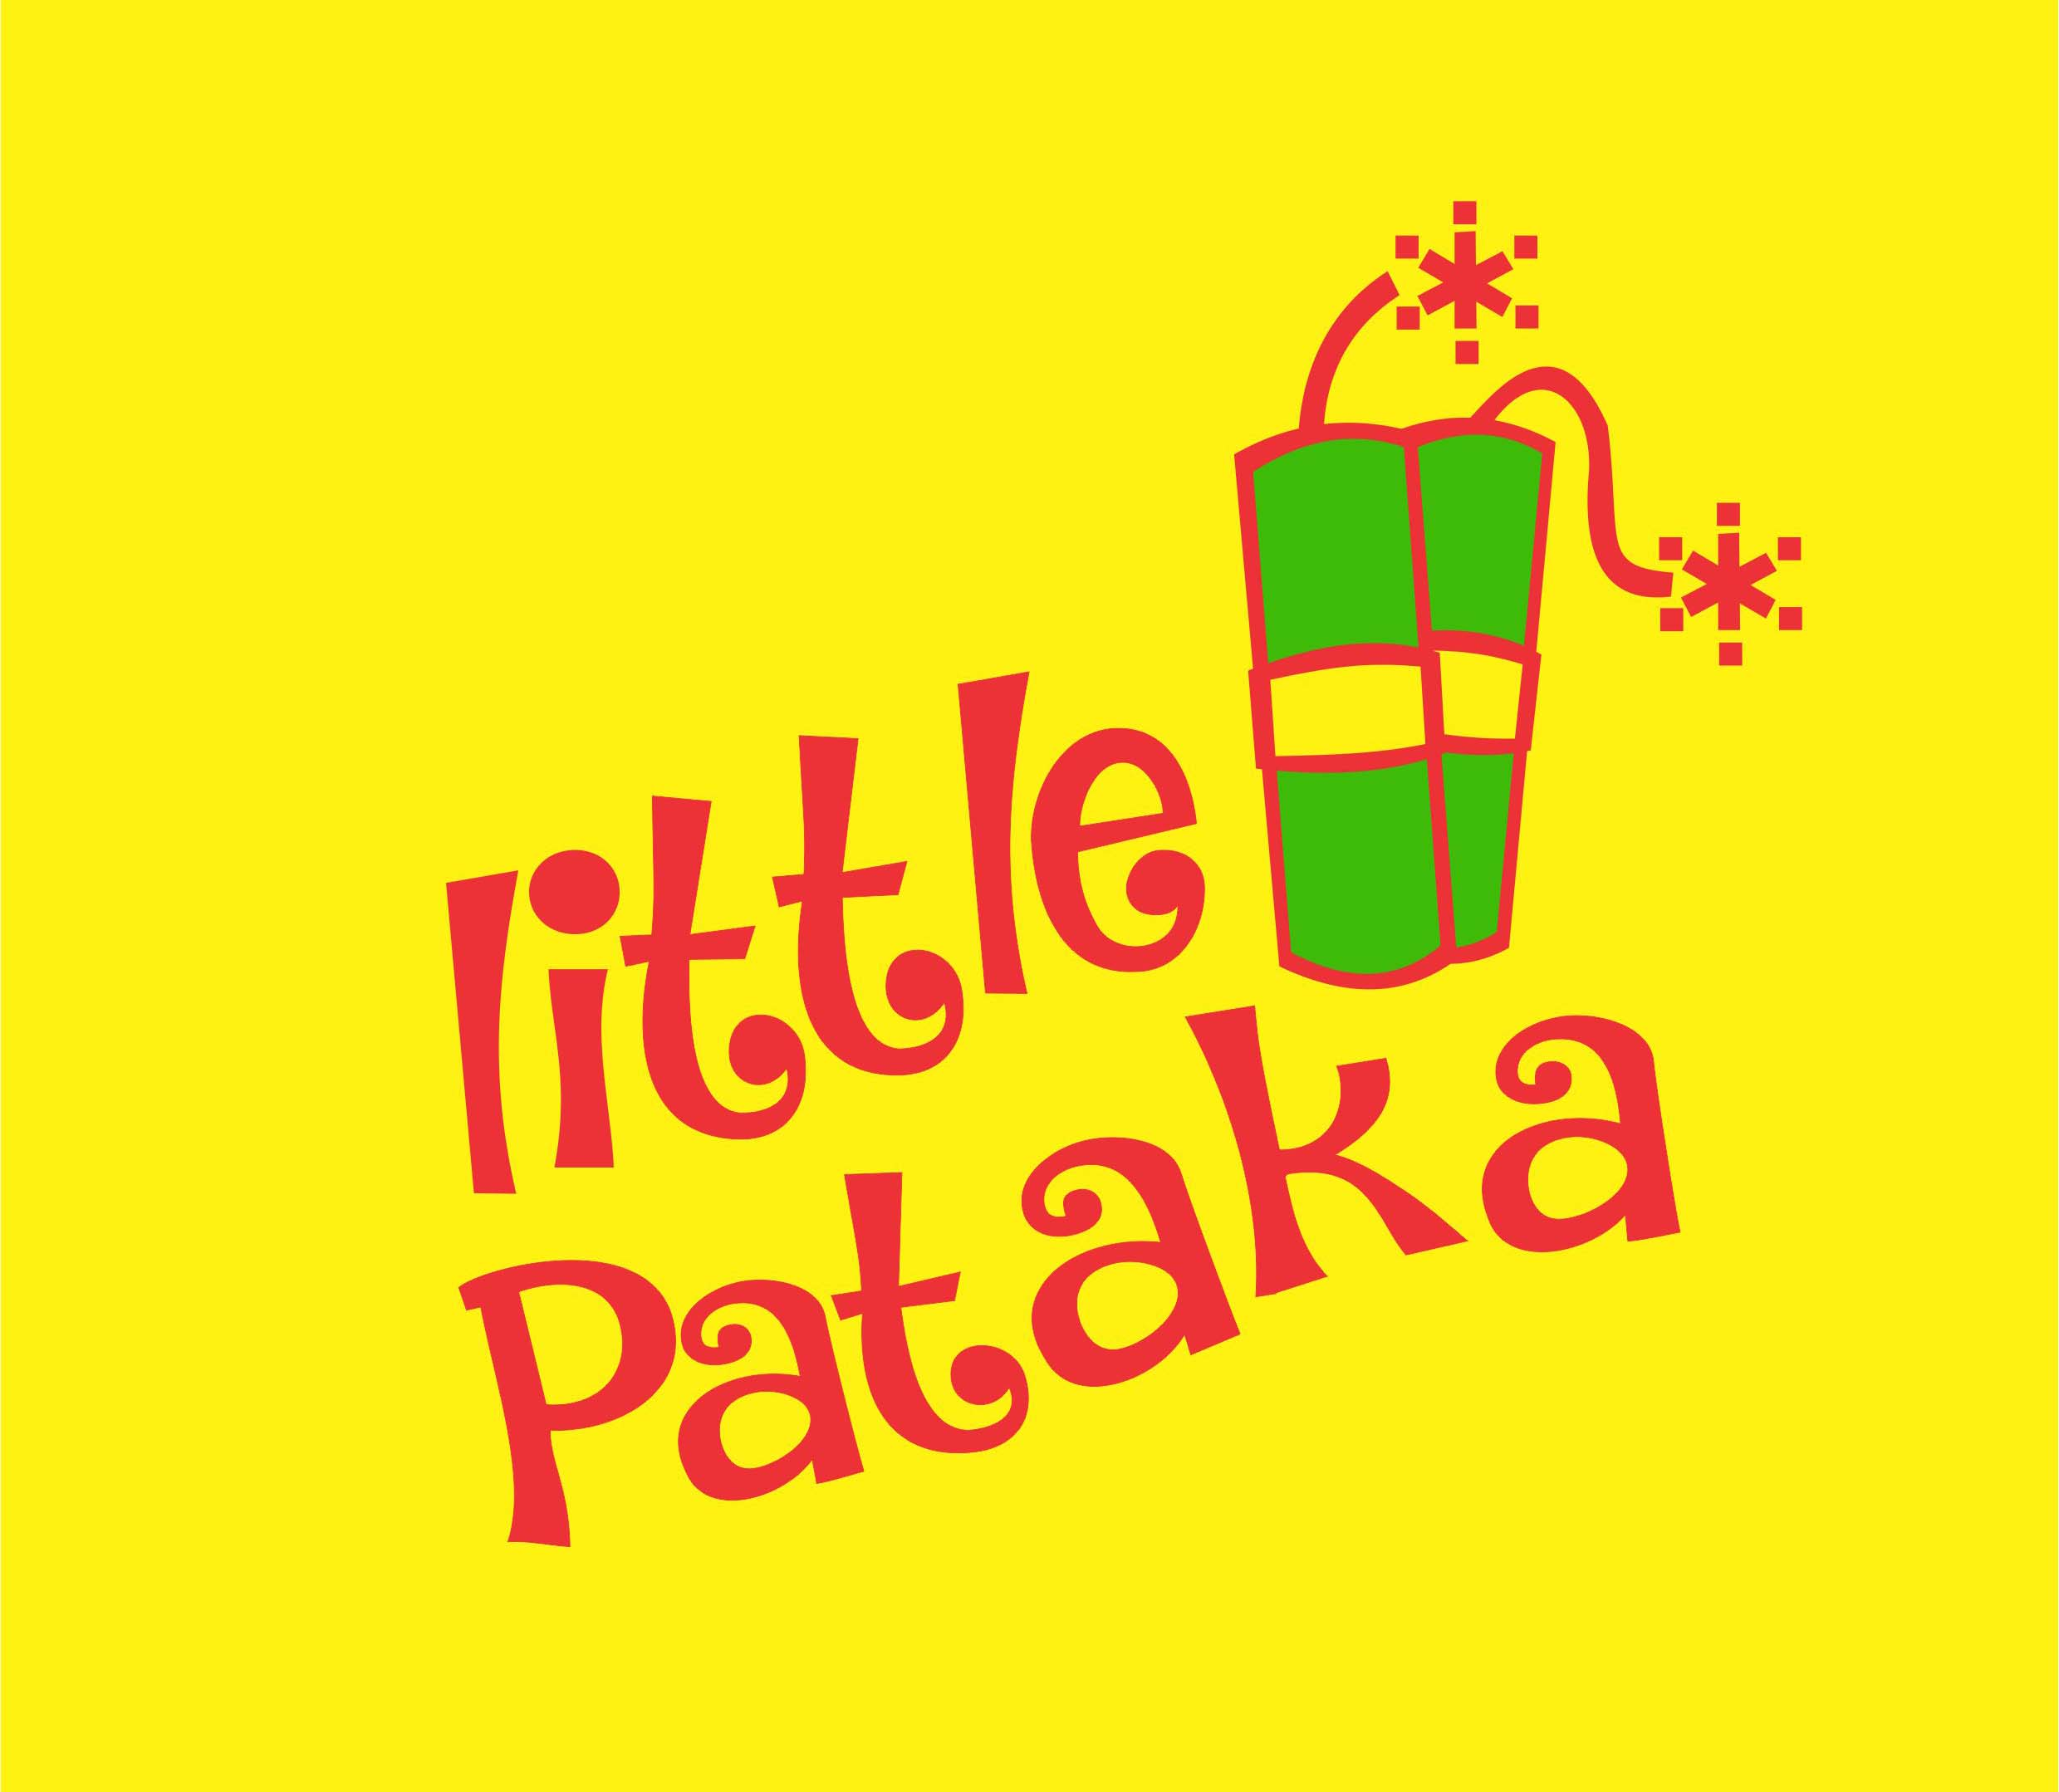 LITTLE PATAKA.1.jpg